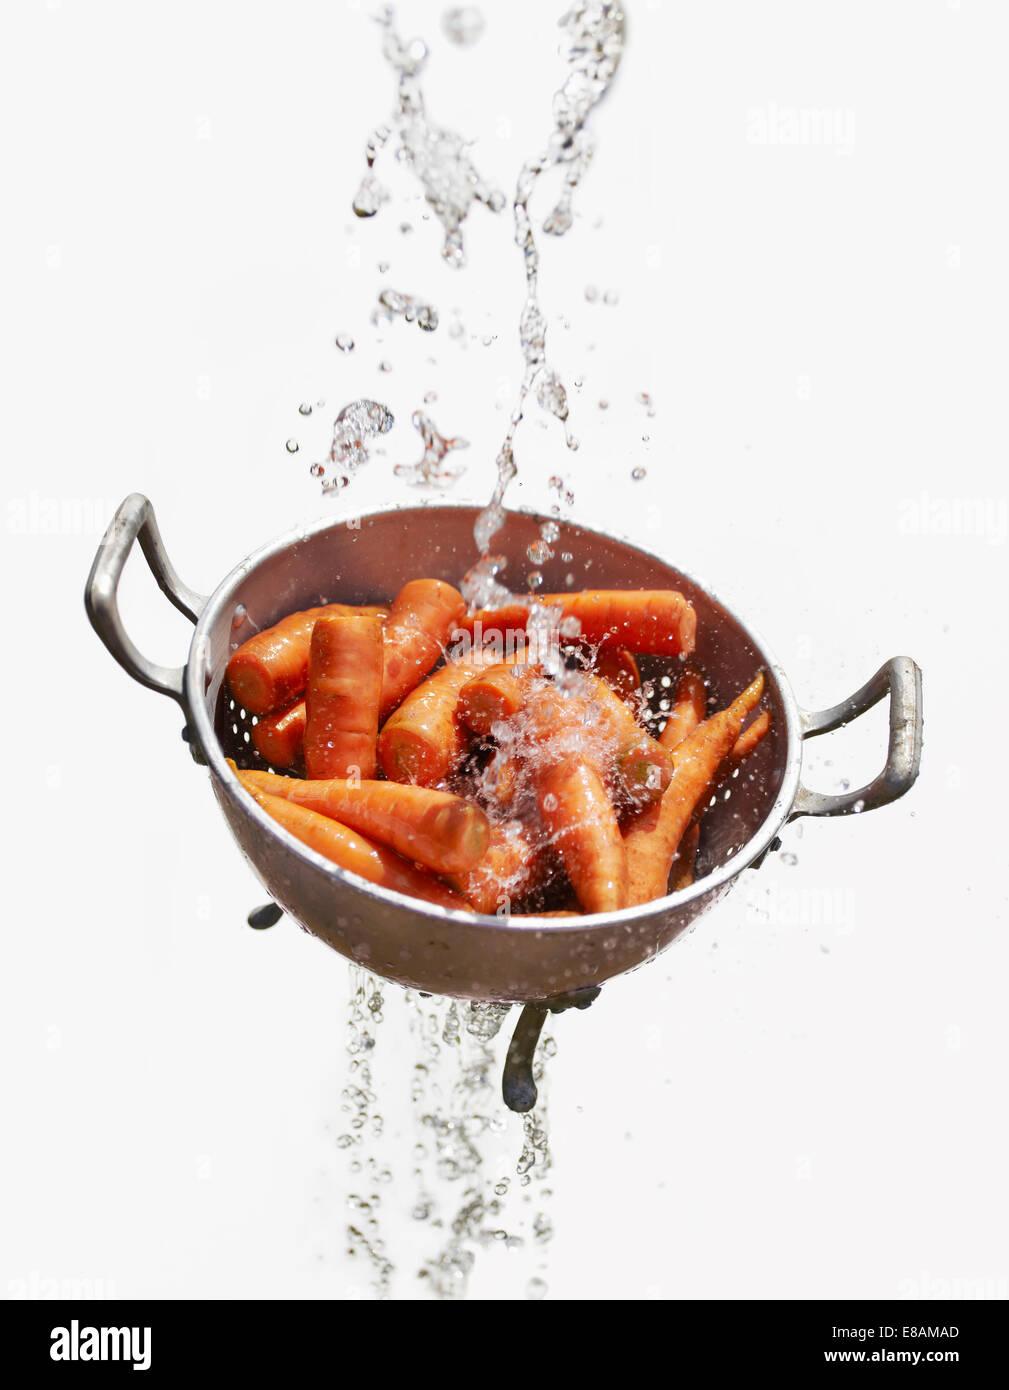 Wasser fällt durch das Sieb mit frischen Karotten Stockbild